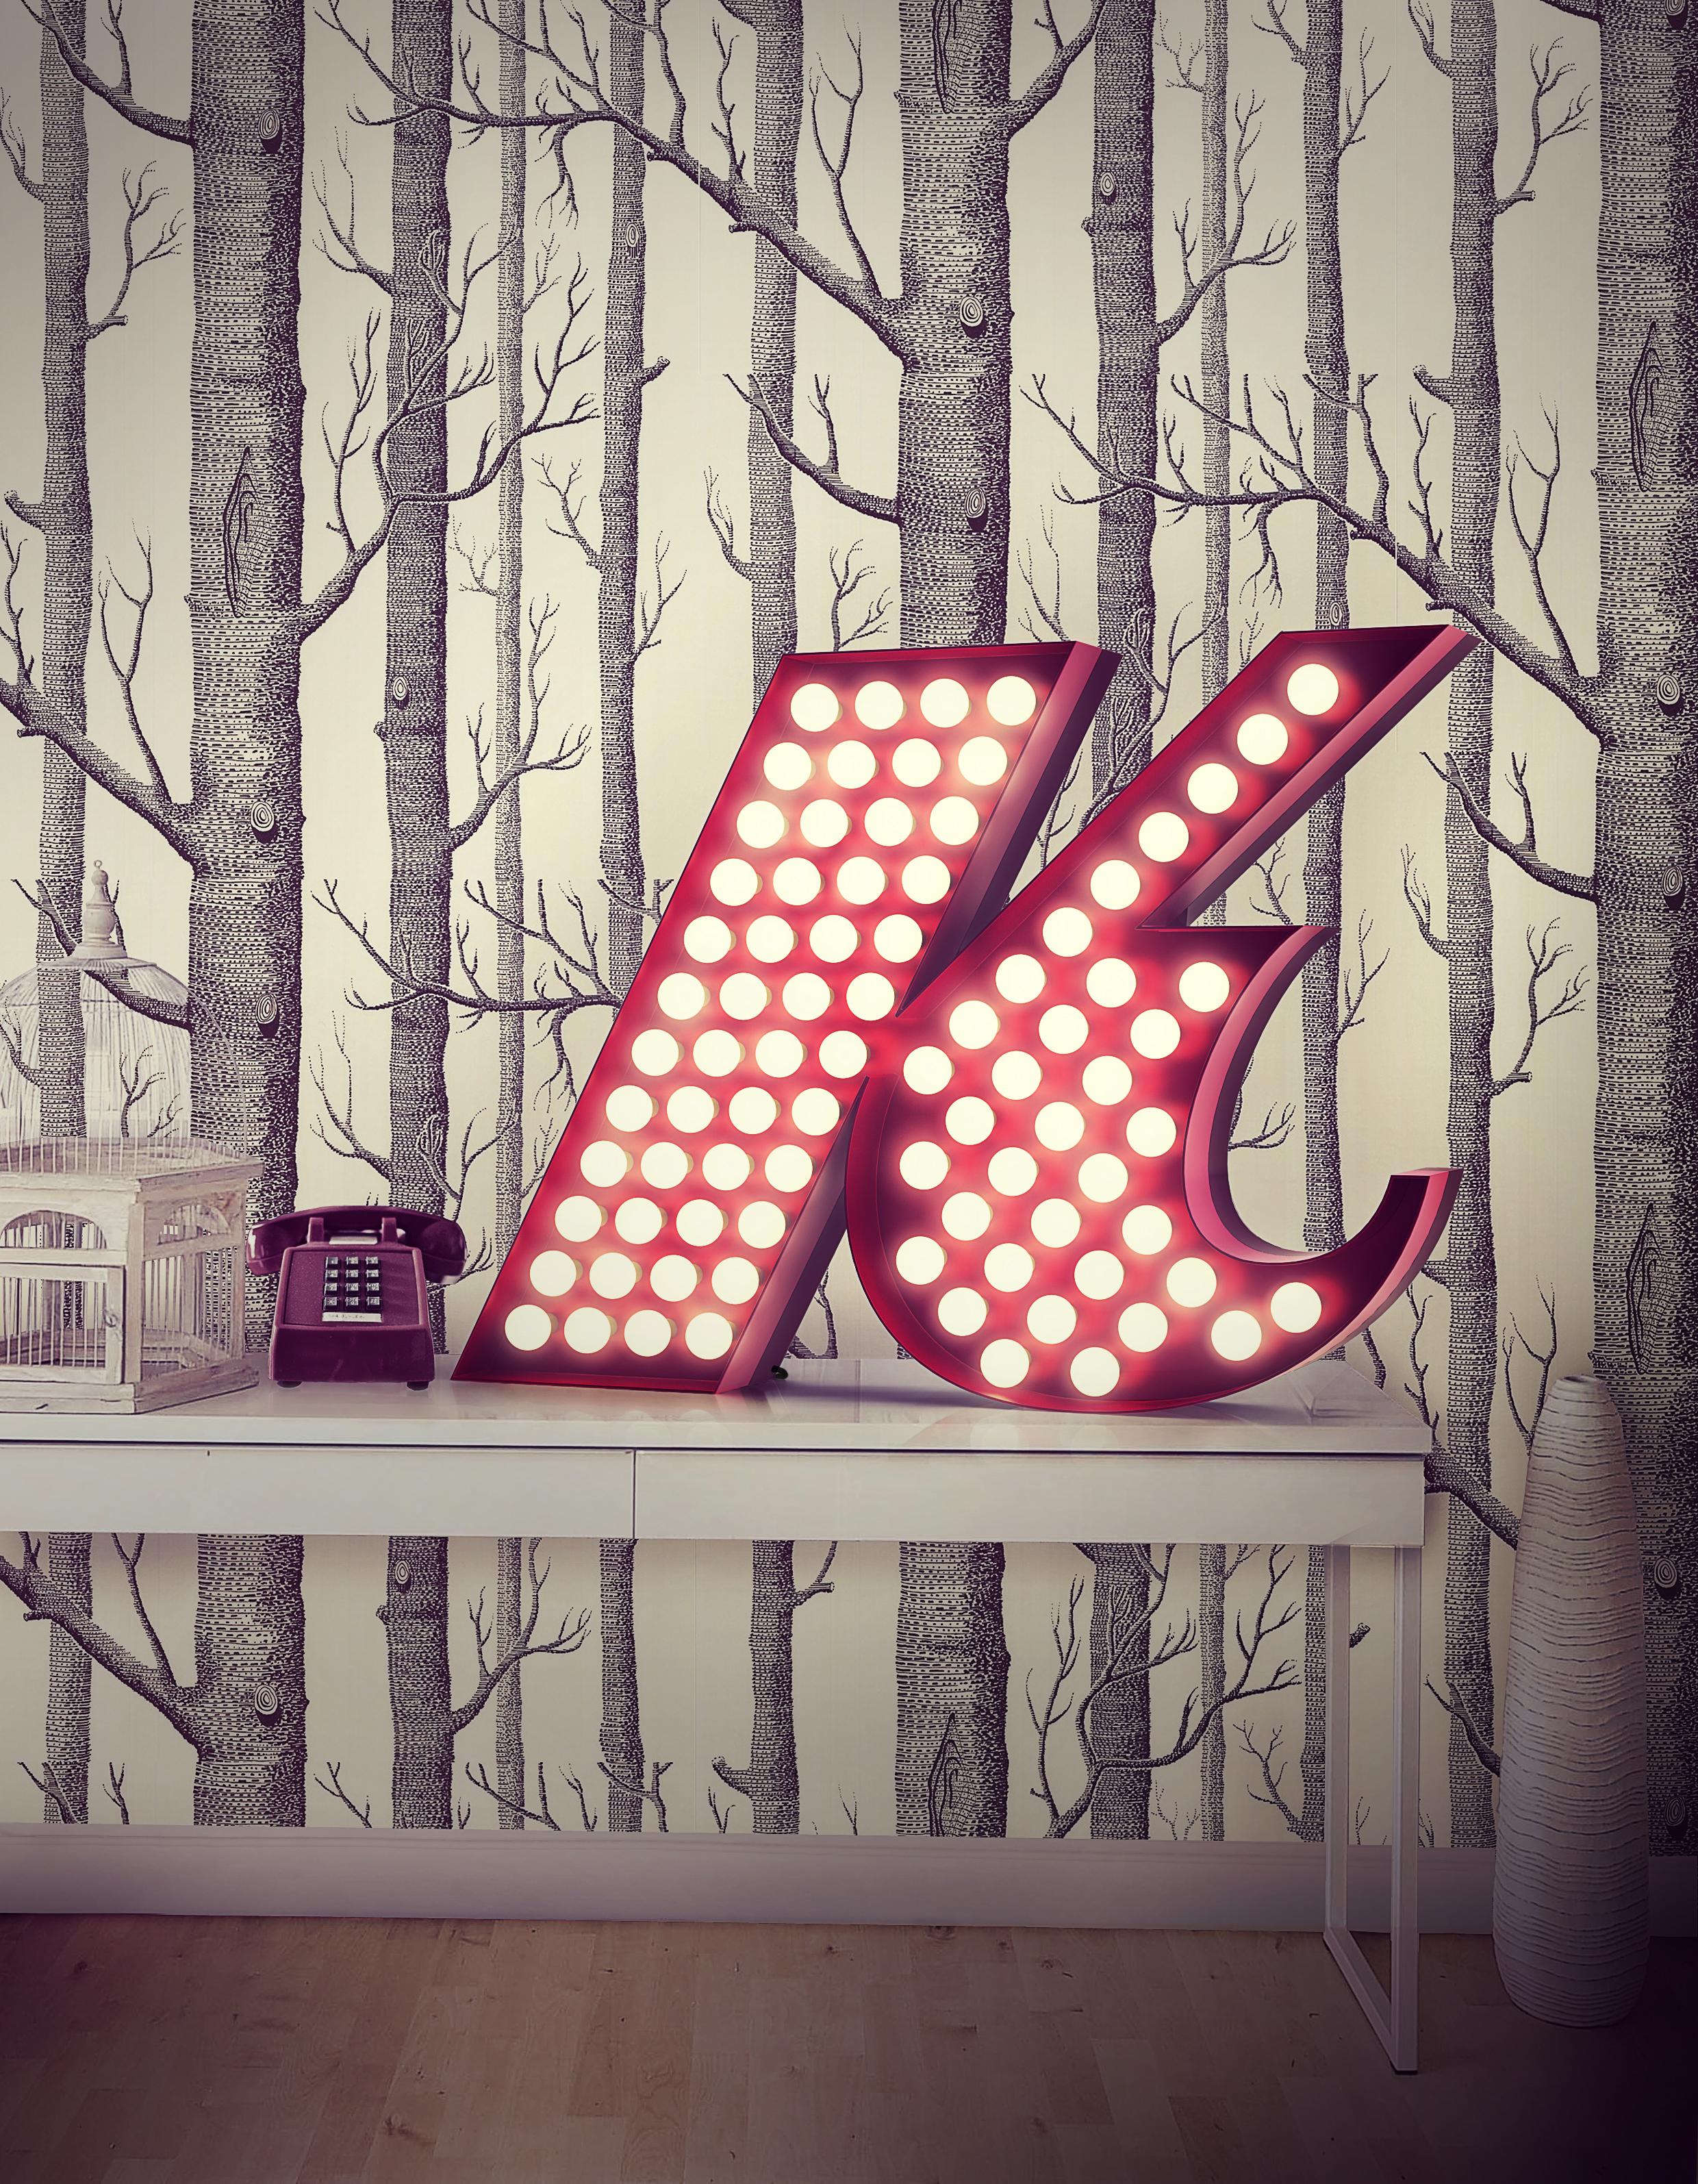 Home Décor Ideas – Let's Vegas! 1 home décor ideas Home Décor Ideas – Let's Vegas! Home D  cor Ideas     Let   s Vegas 1